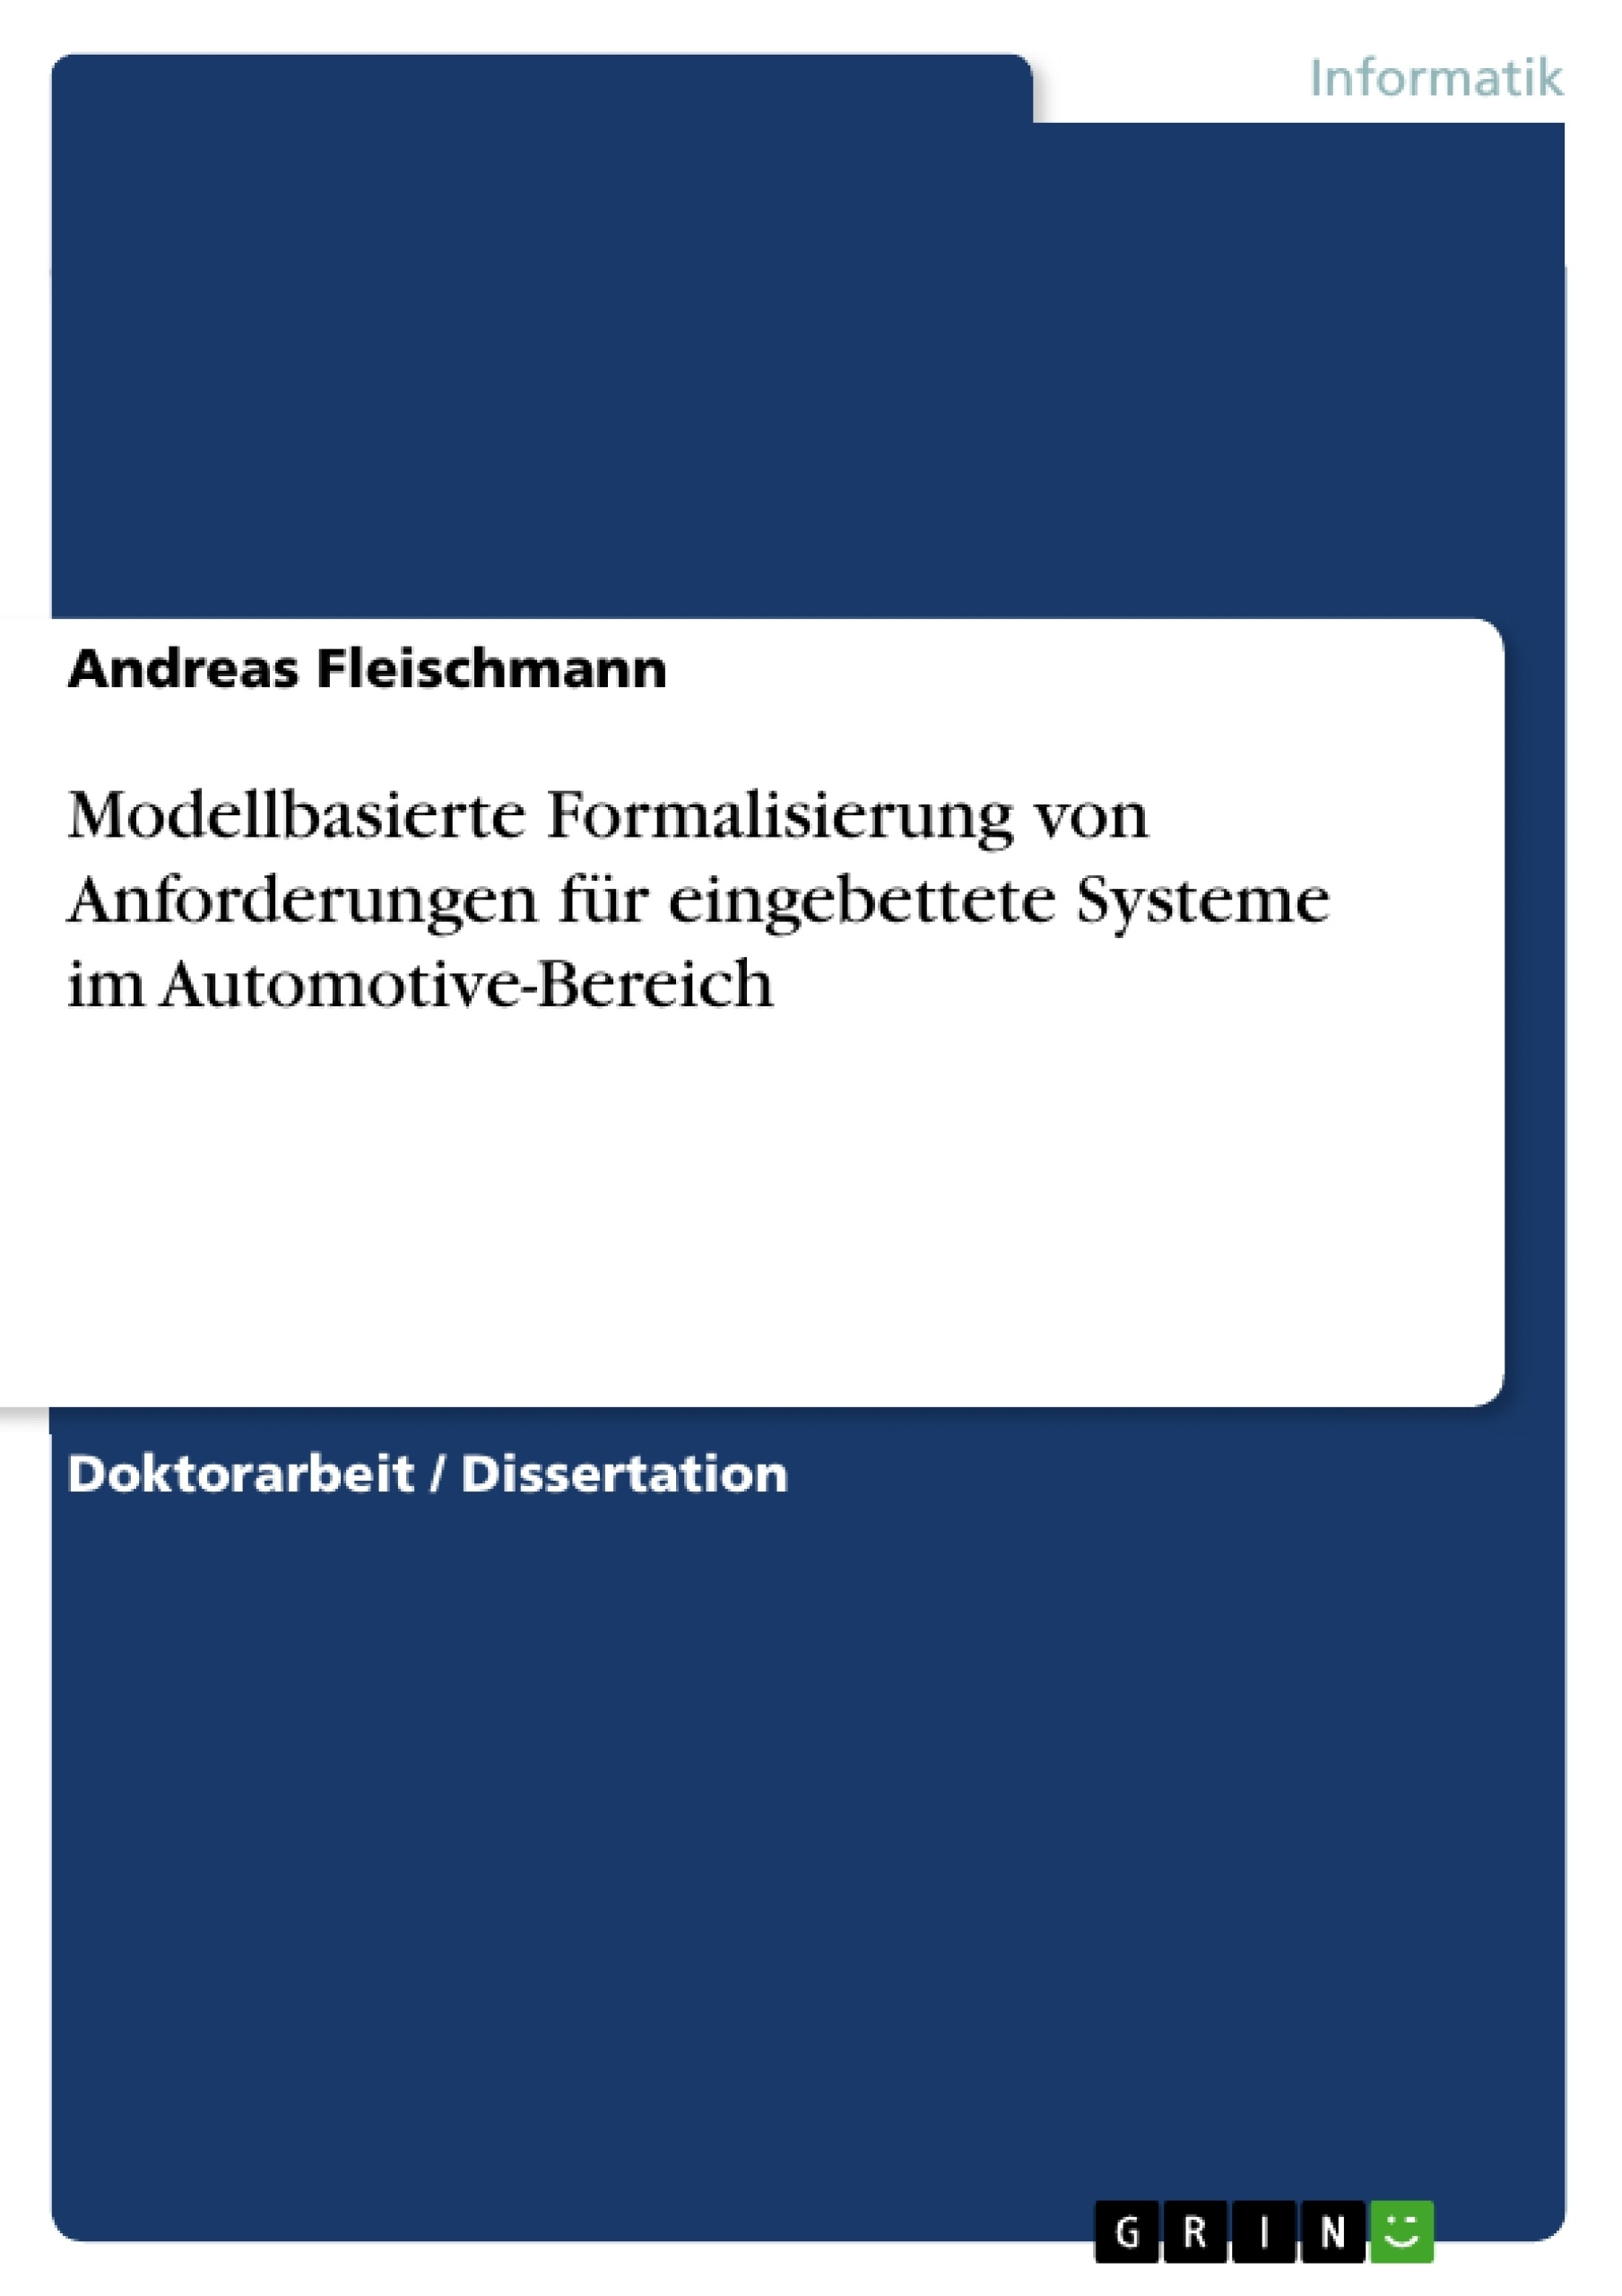 Titel: Modellbasierte Formalisierung von Anforderungen für eingebettete Systeme im Automotive-Bereich